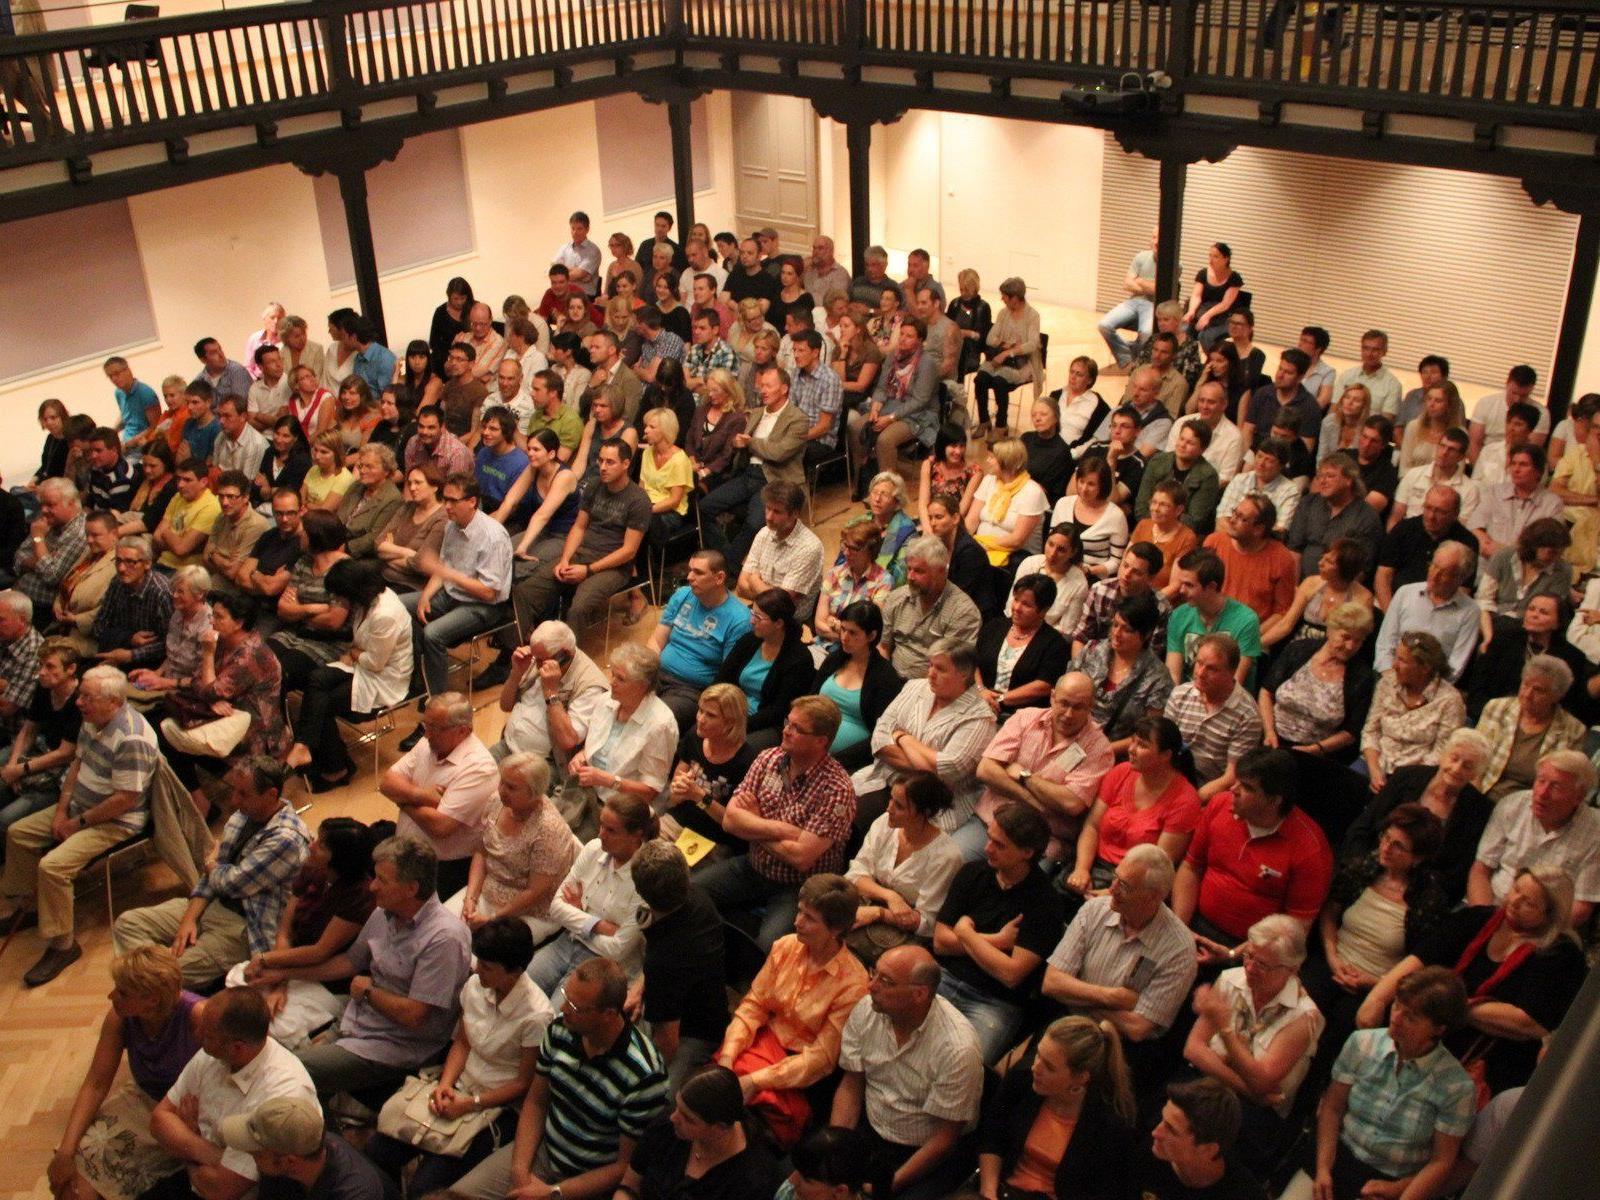 """Veranstaltungsreihen wie """"Kultur im Löwen"""" profitieren von dem Ambiente und der Ausstattung des 2011 neu eröffneten Löwensaals."""